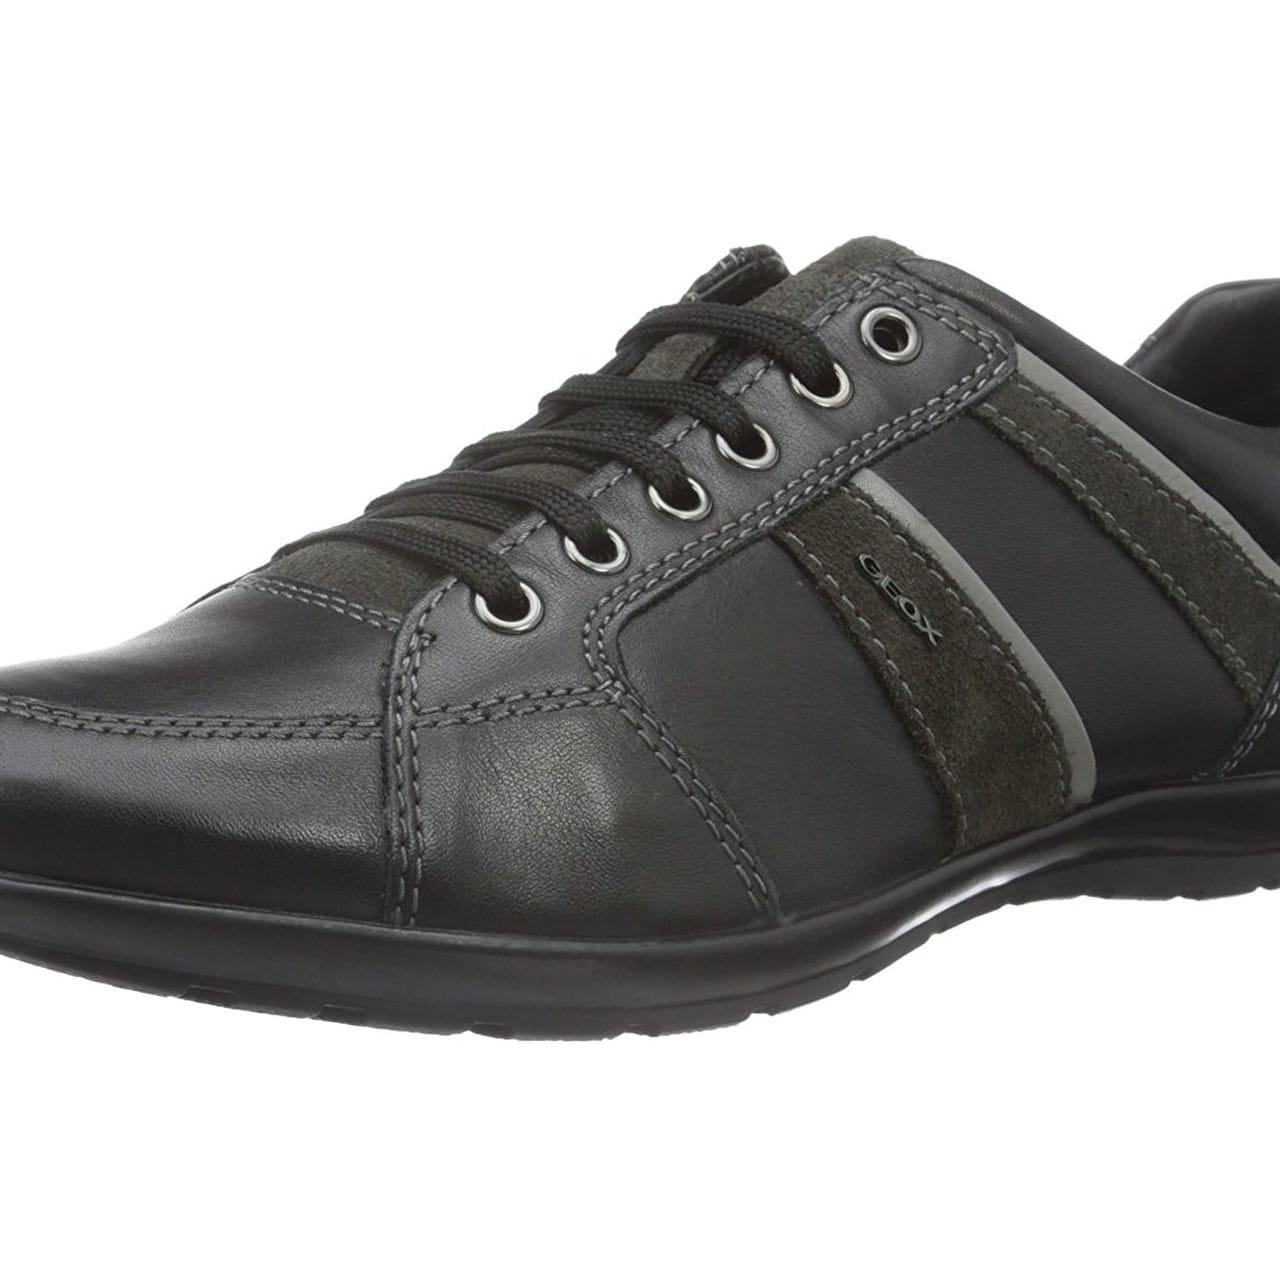 De Sélection Meilleures Chaussures GeoxNotre Confortables jAL54R